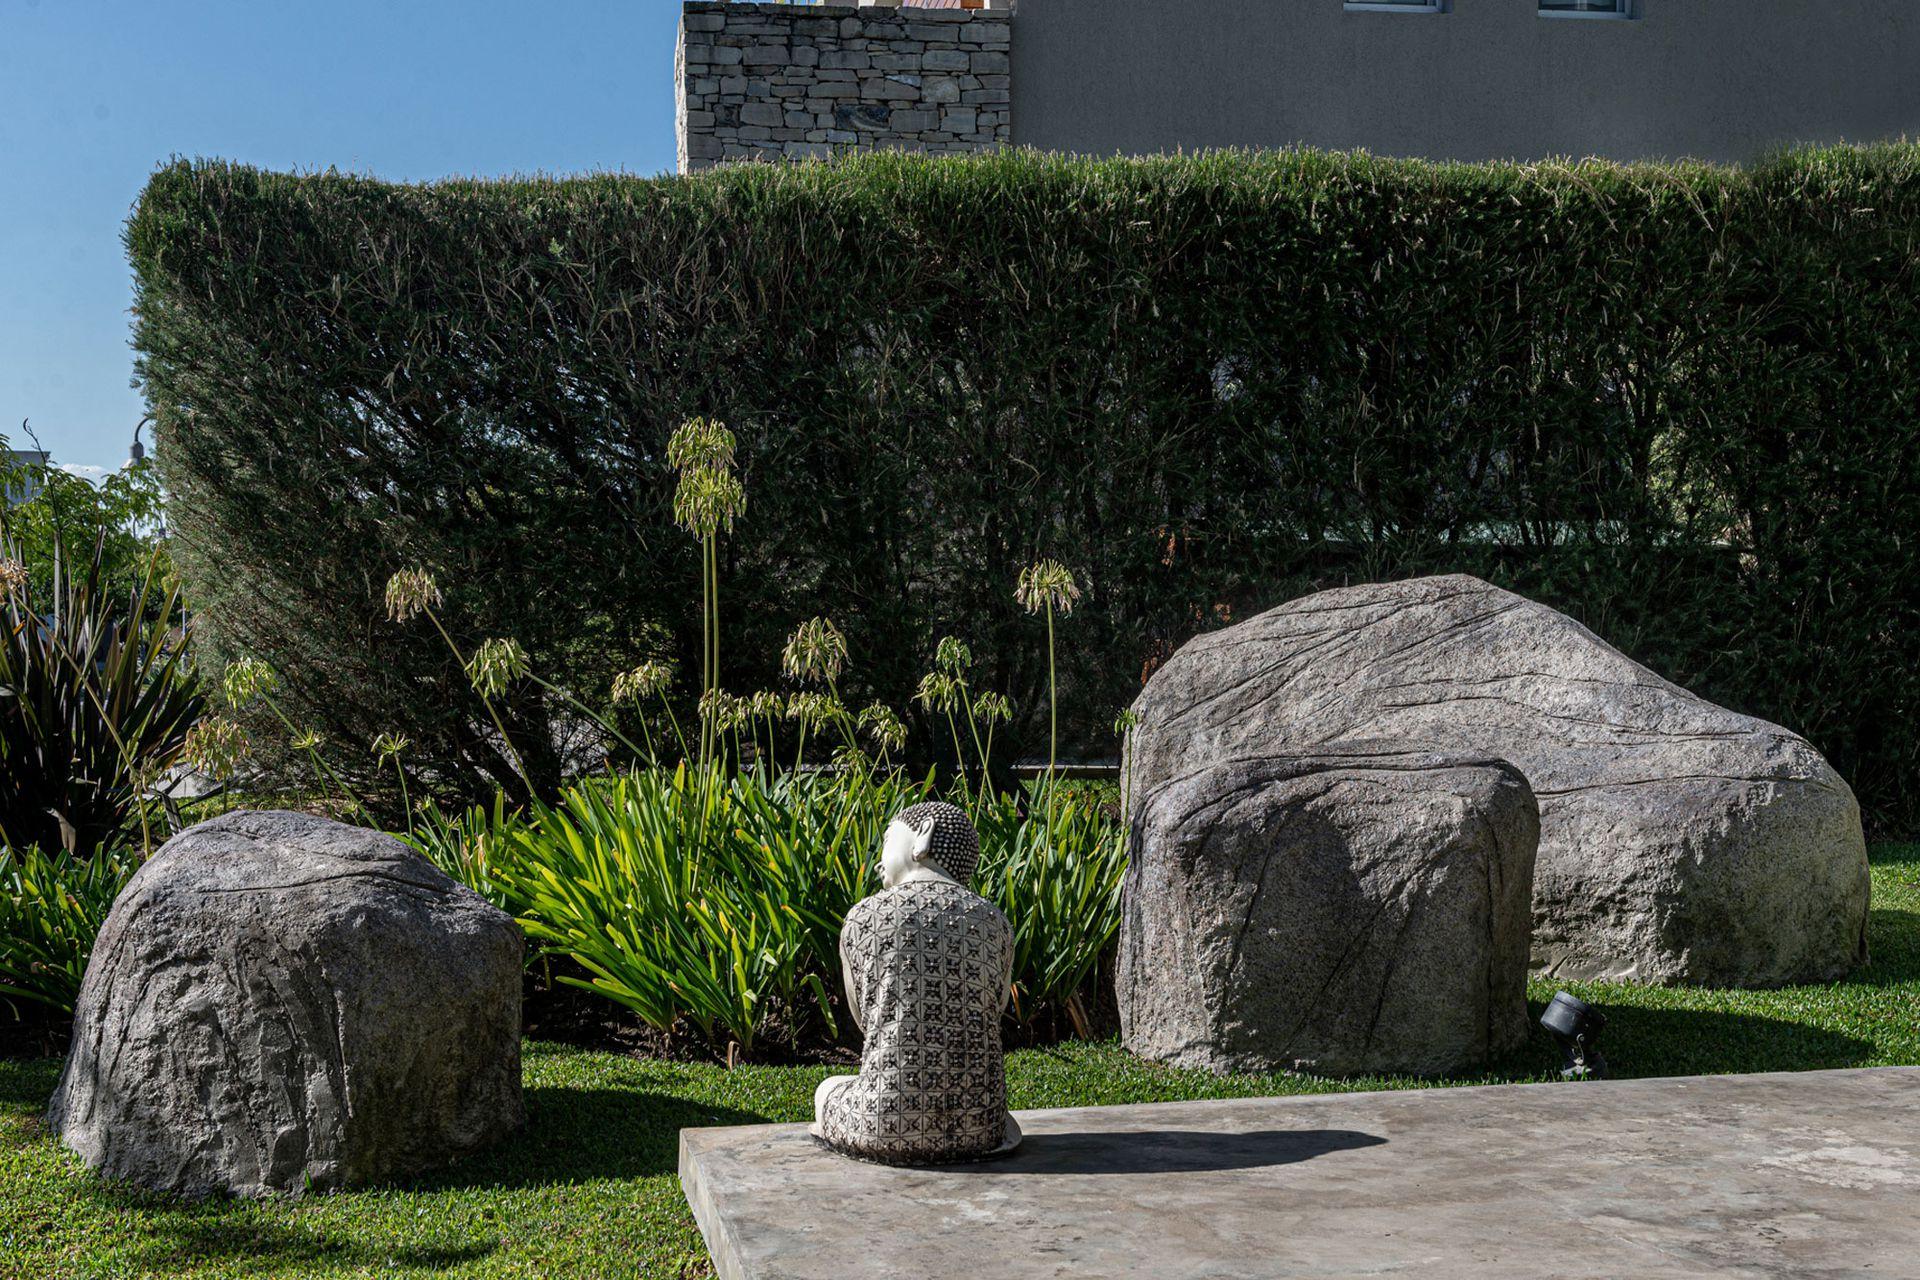 La piedra artificial es el arte de la escenografía: sobre una estructura se va armando la forma deseada, luego se la recubre de resinas para imprimirle un tono determinado y texturas para simular piedra natural.